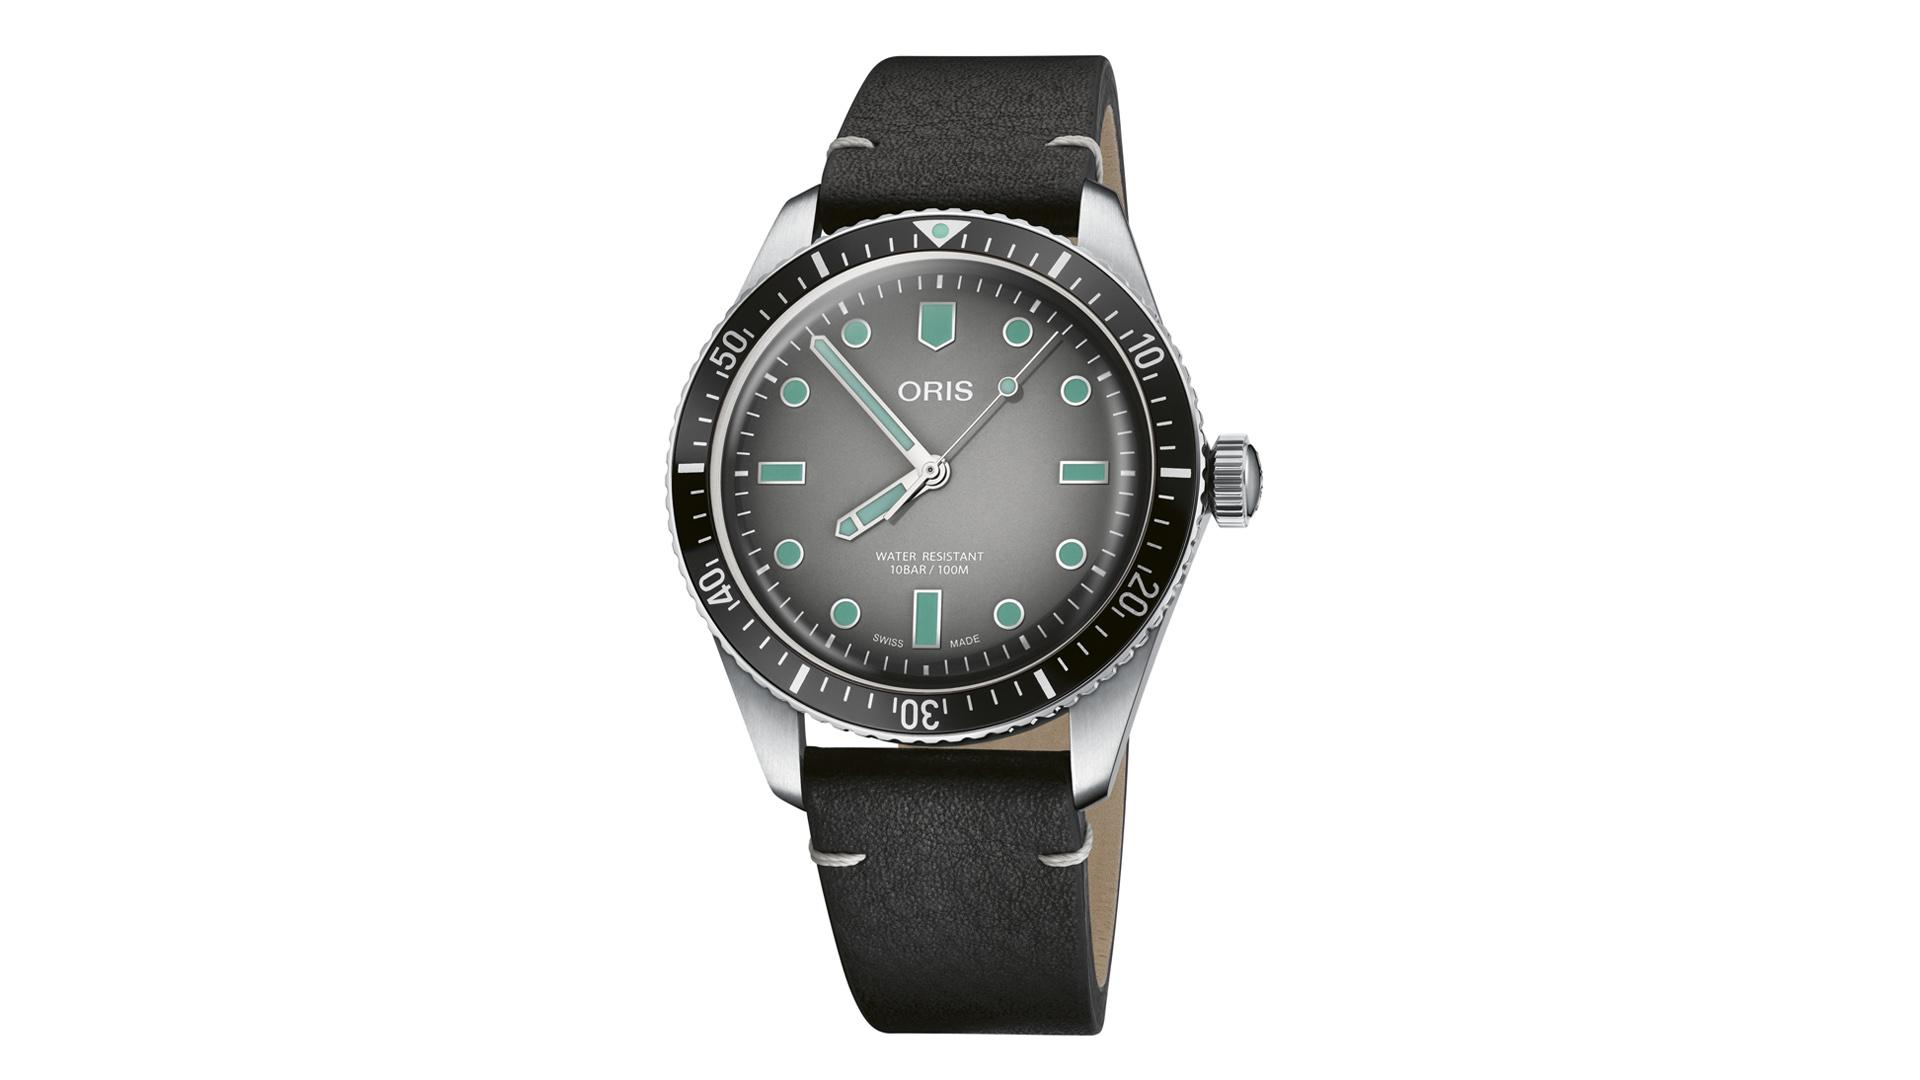 ساعات Divers من أوريس تجسد مفهوم أناقة الوقت الرياضية